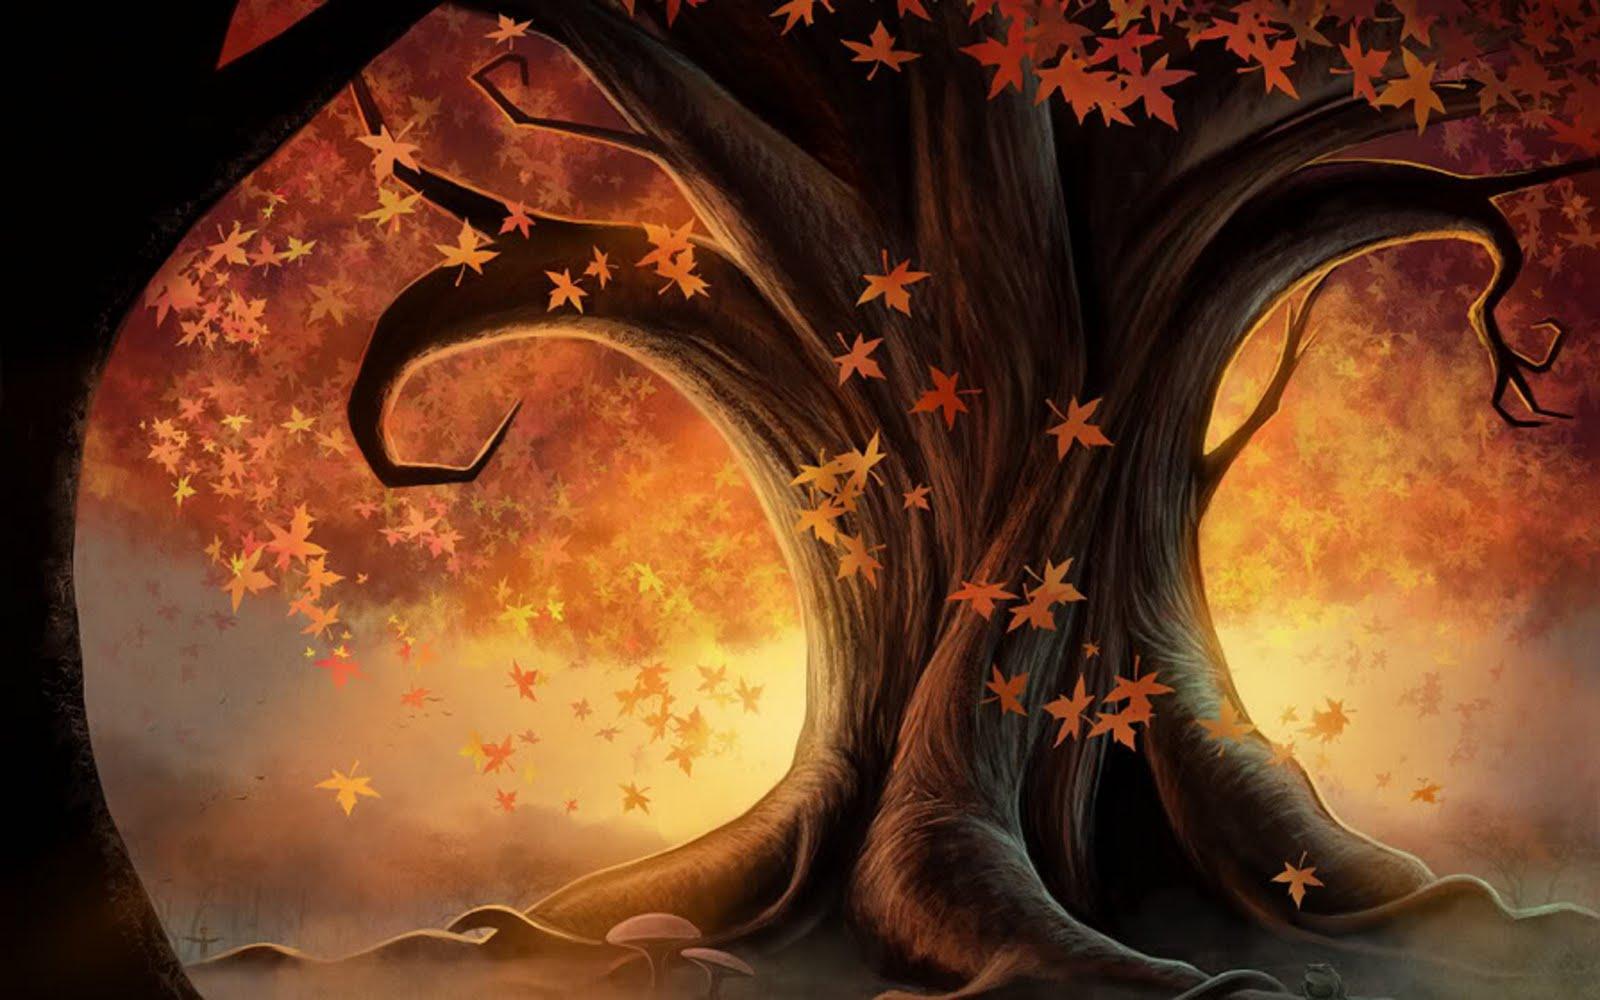 http://2.bp.blogspot.com/_bSB353YdZu8/TAo-fNVUErI/AAAAAAAAAHY/0SgvHwFHOck/s1600/Autumn-tree.jpg